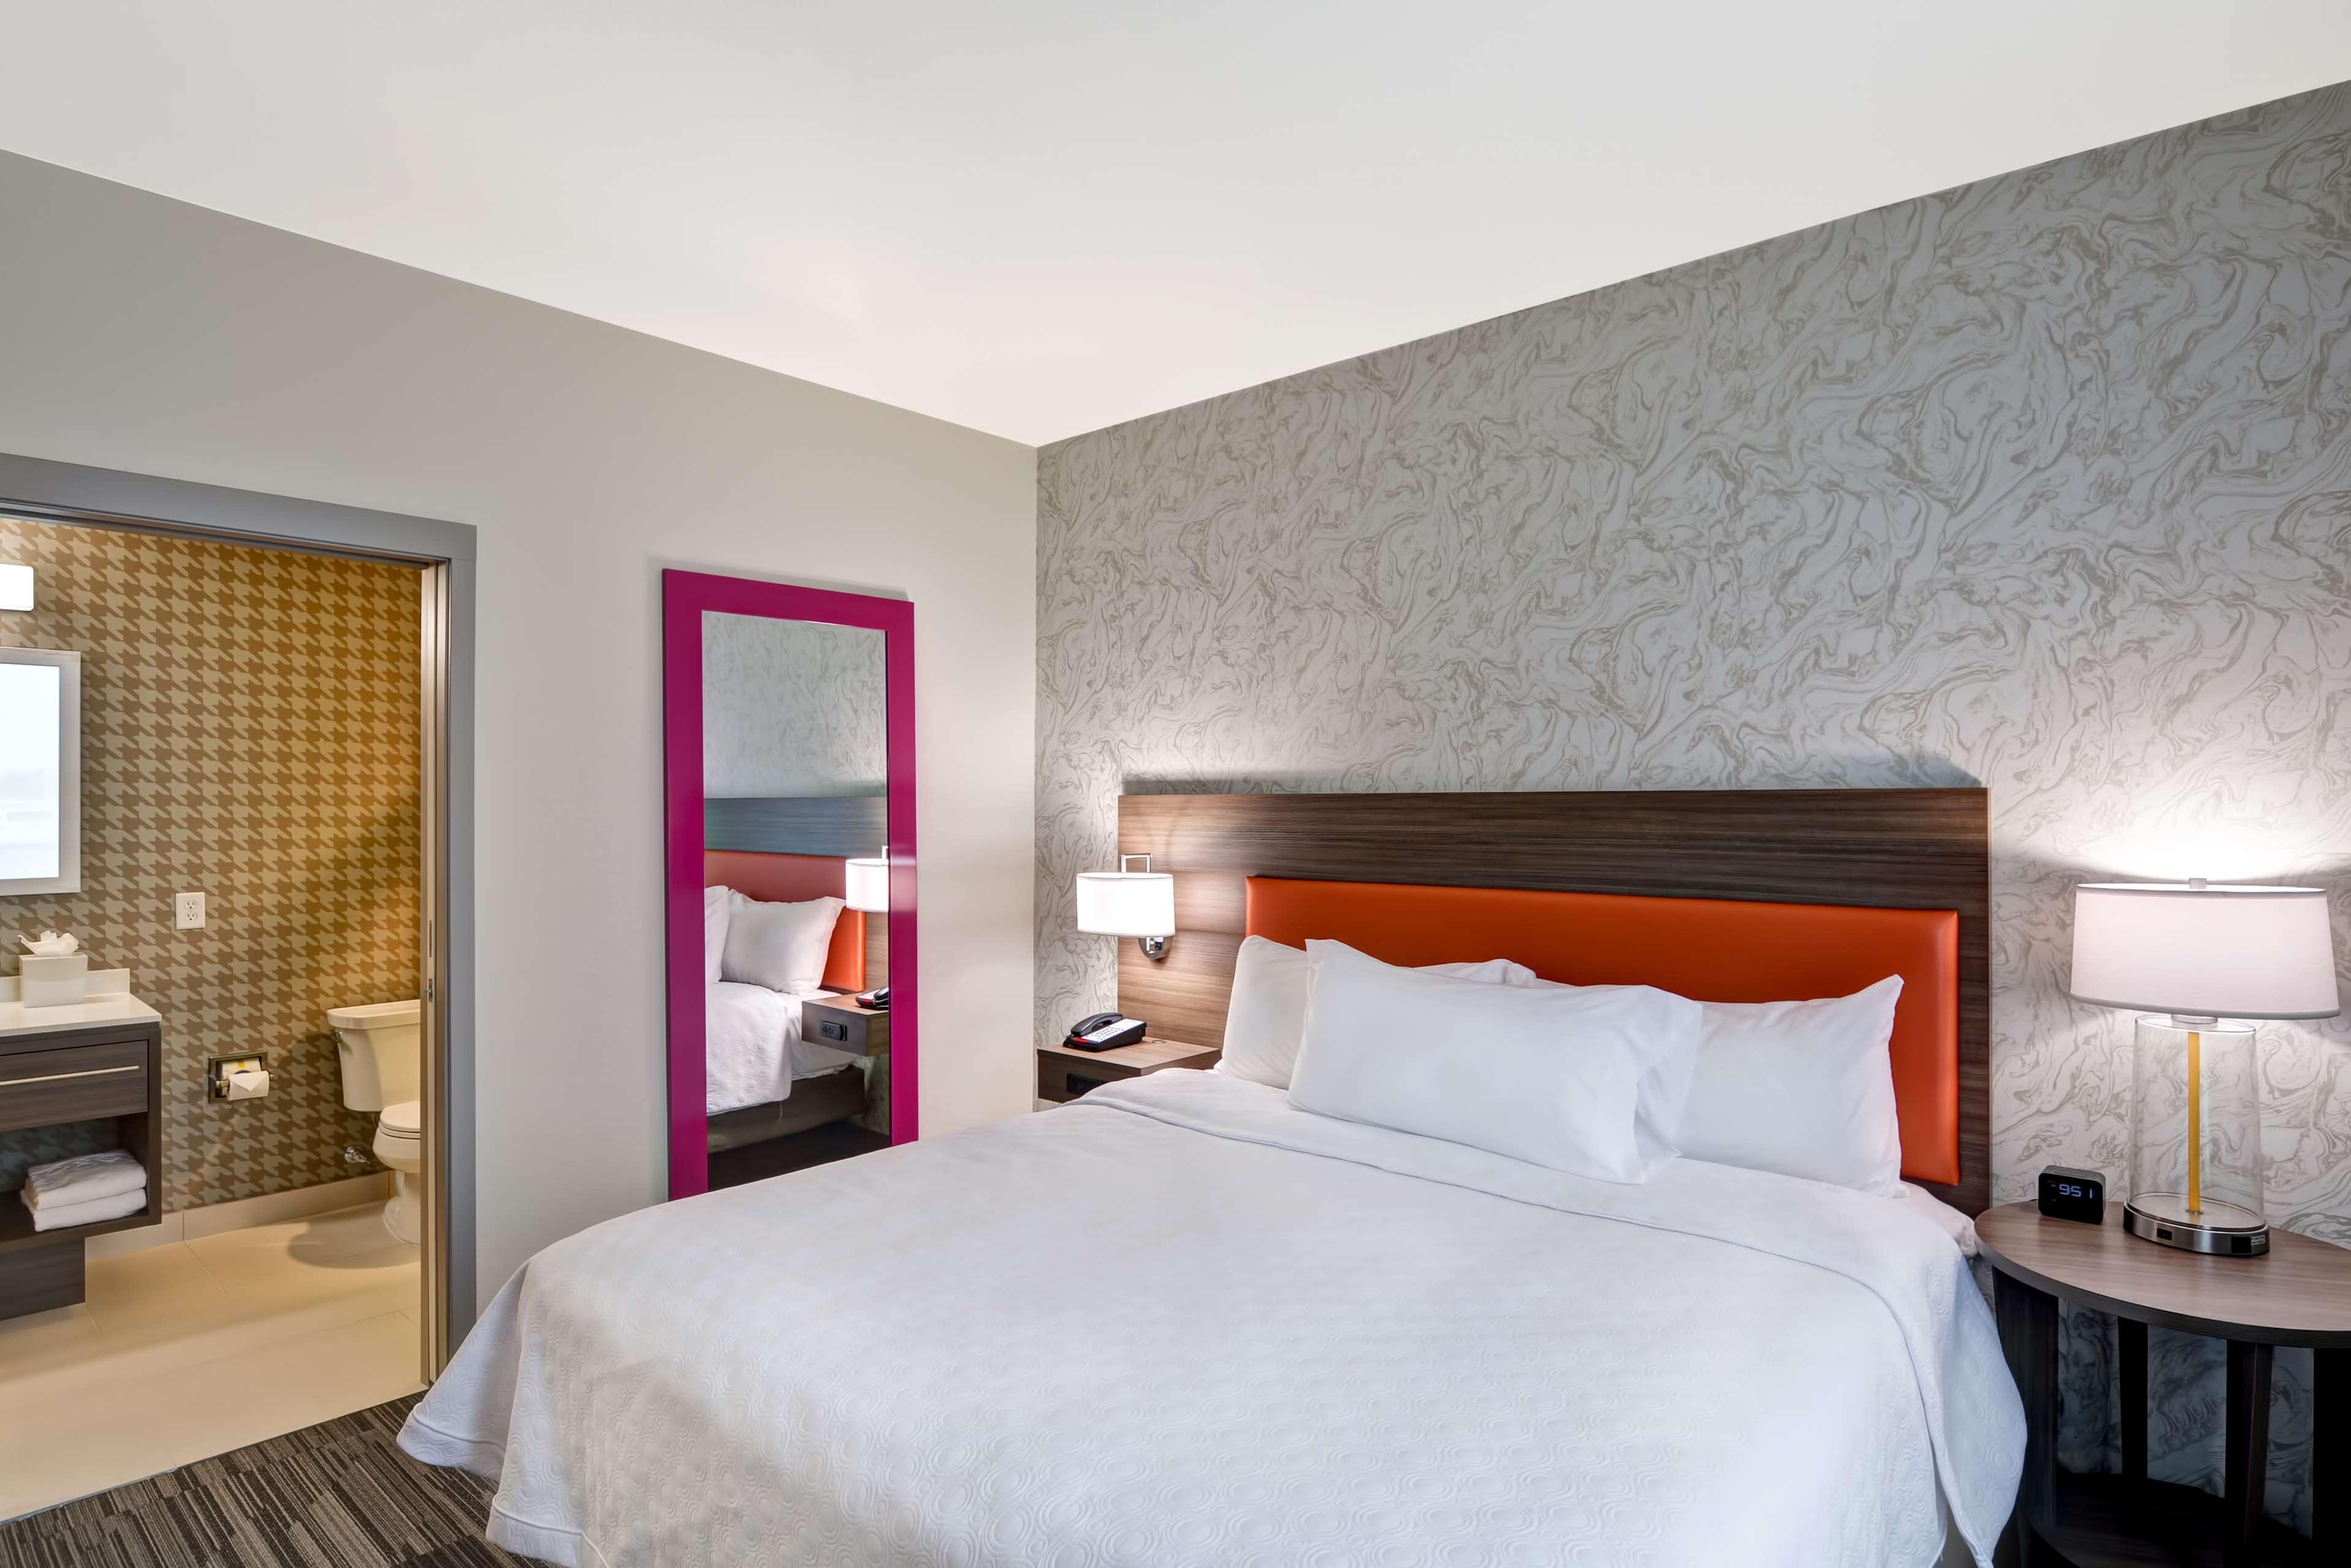 Home2 Suites by Hilton Lafayette image 23